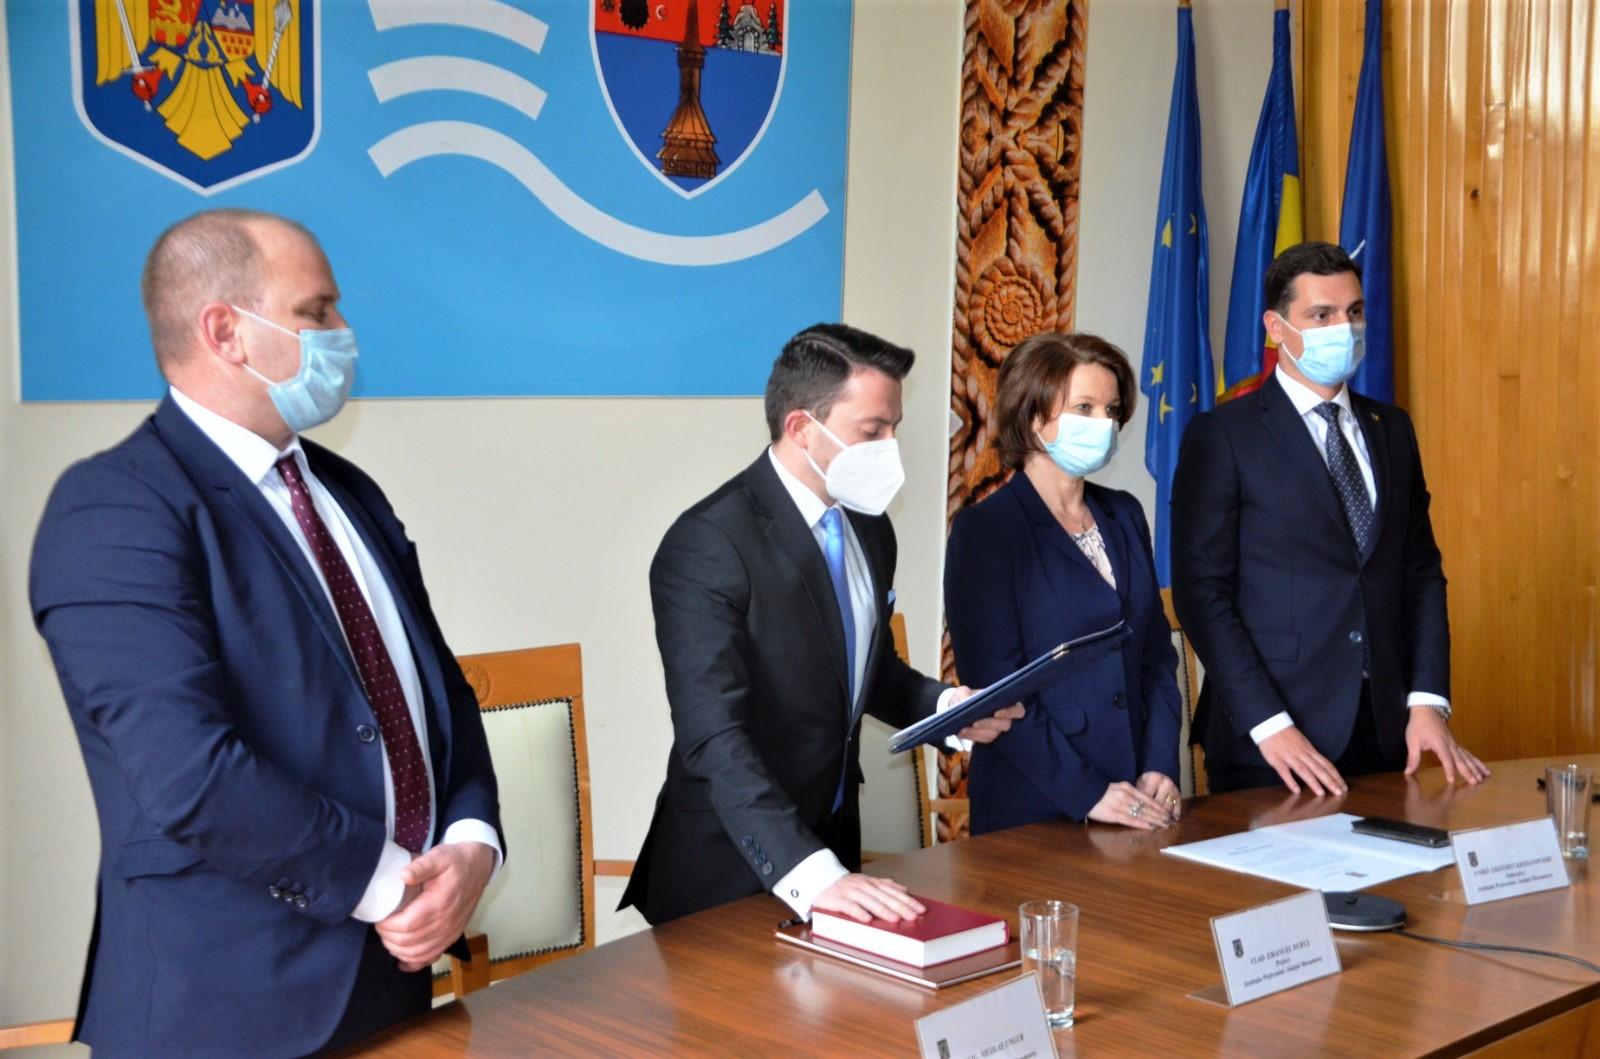 Ceremonie de investire în funcția de prefect și subprefect al județului Maramureș